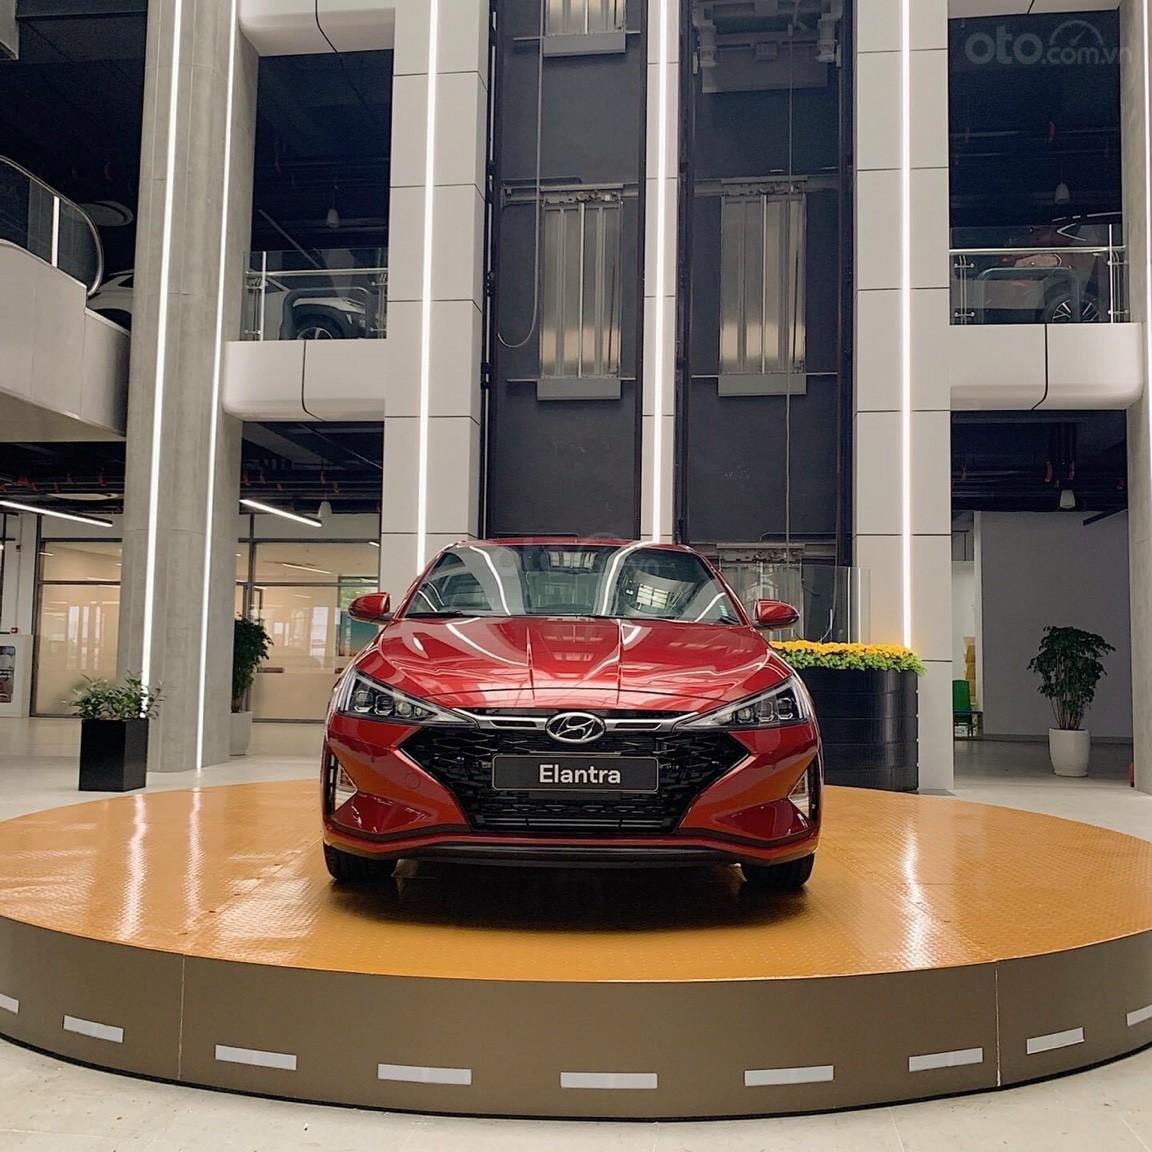 Chỉ từ 150tr đã có xe Hyundai Elantra chính hãng _ giao xe ngay đủ màu + đủ phiên bản, giá tốt nhất miền Nam (2)